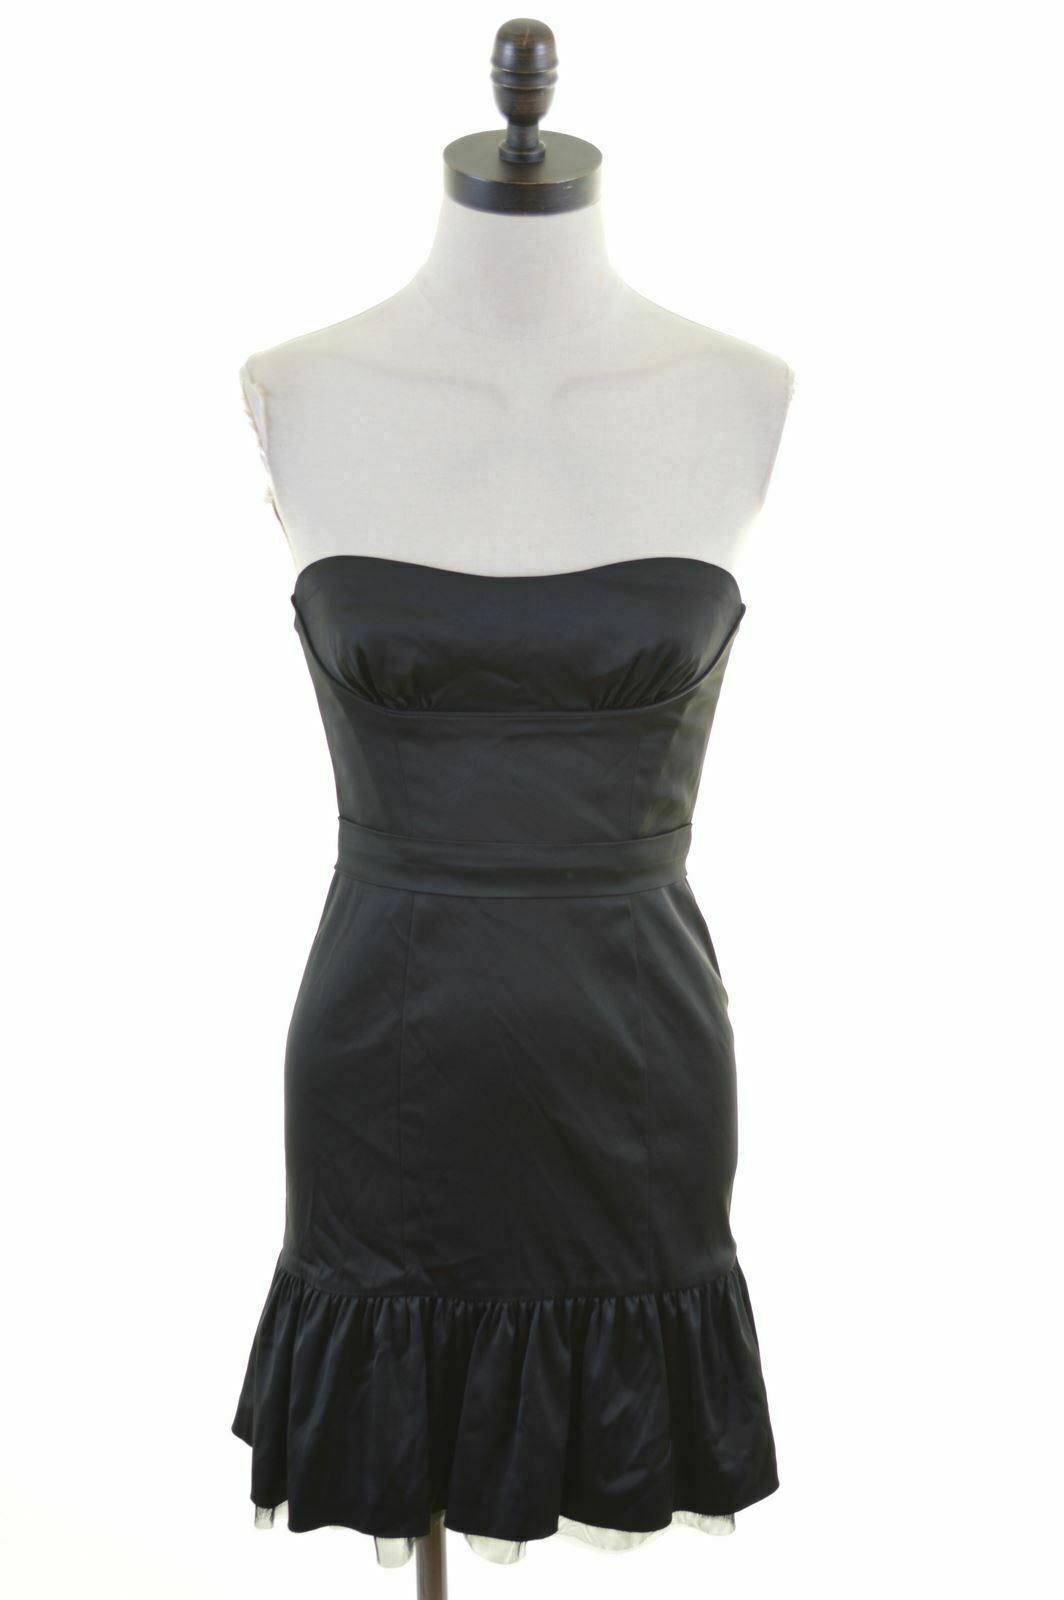 BCBG MAXAZRIA damen damen damen Strapless Dress US 2 XS schwarz Acetate  Q125 5983d1